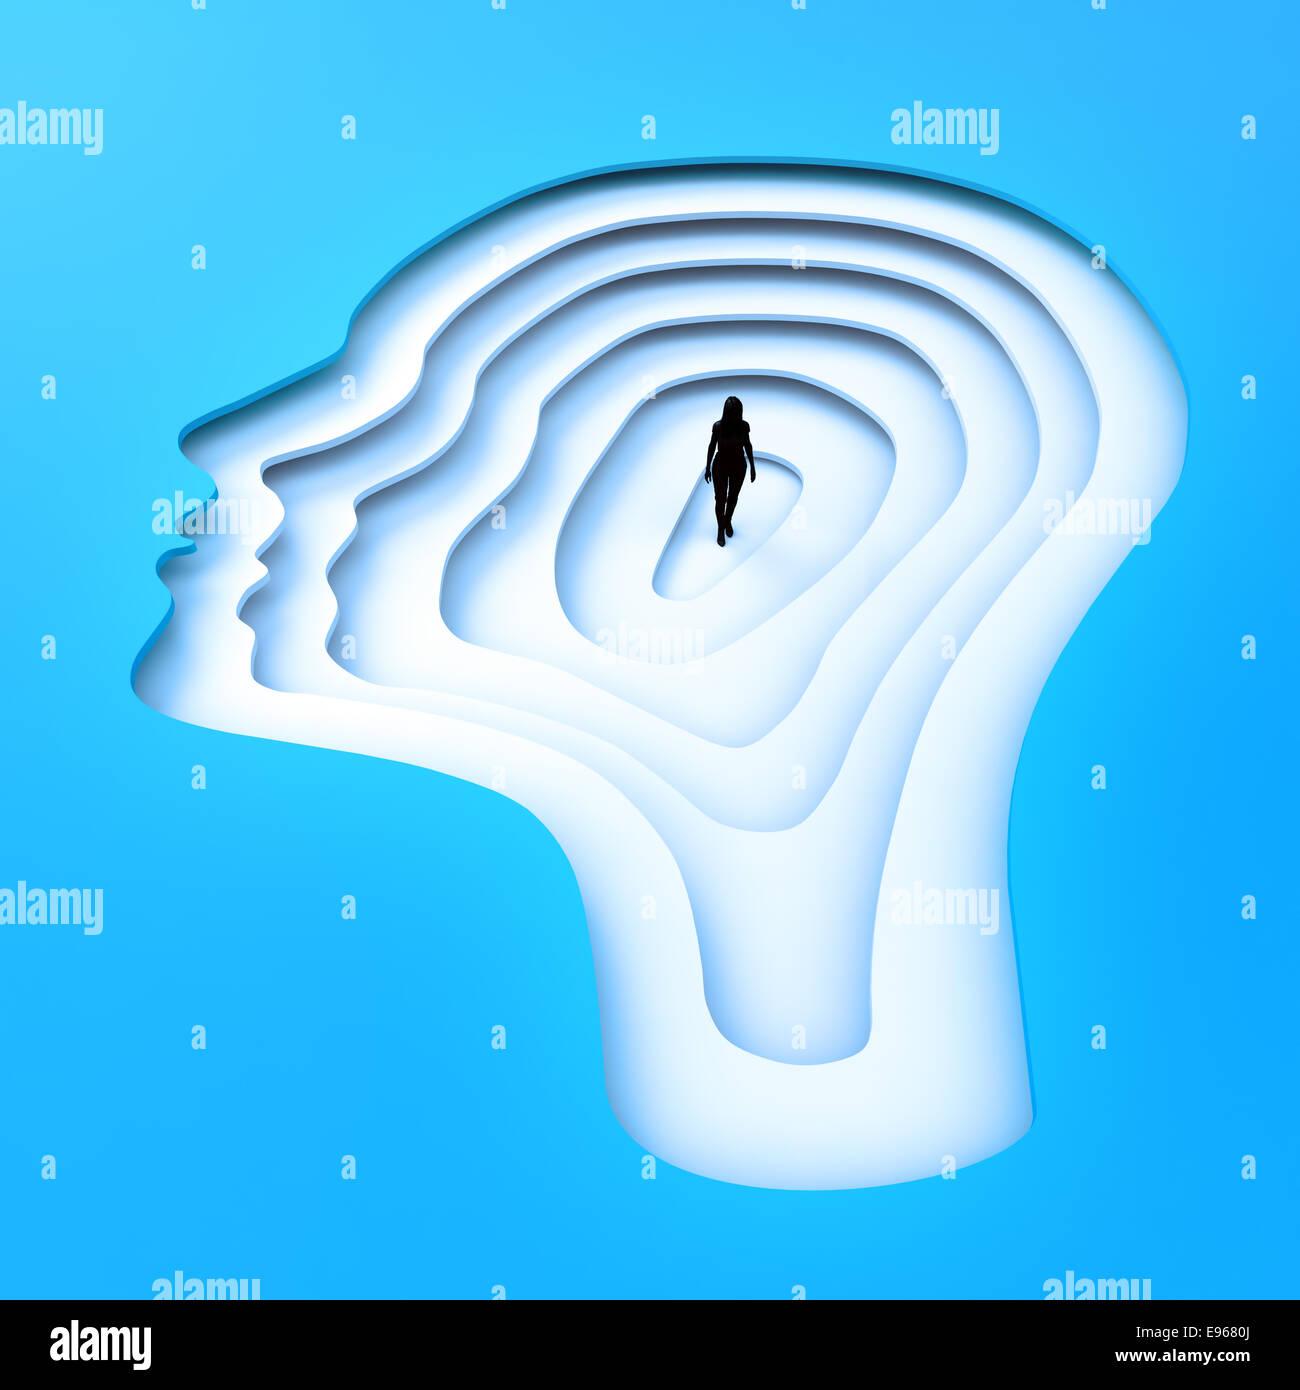 Petite personne debout à l'intérieur d'une silhouette de la tête d'une femme. Photo Stock